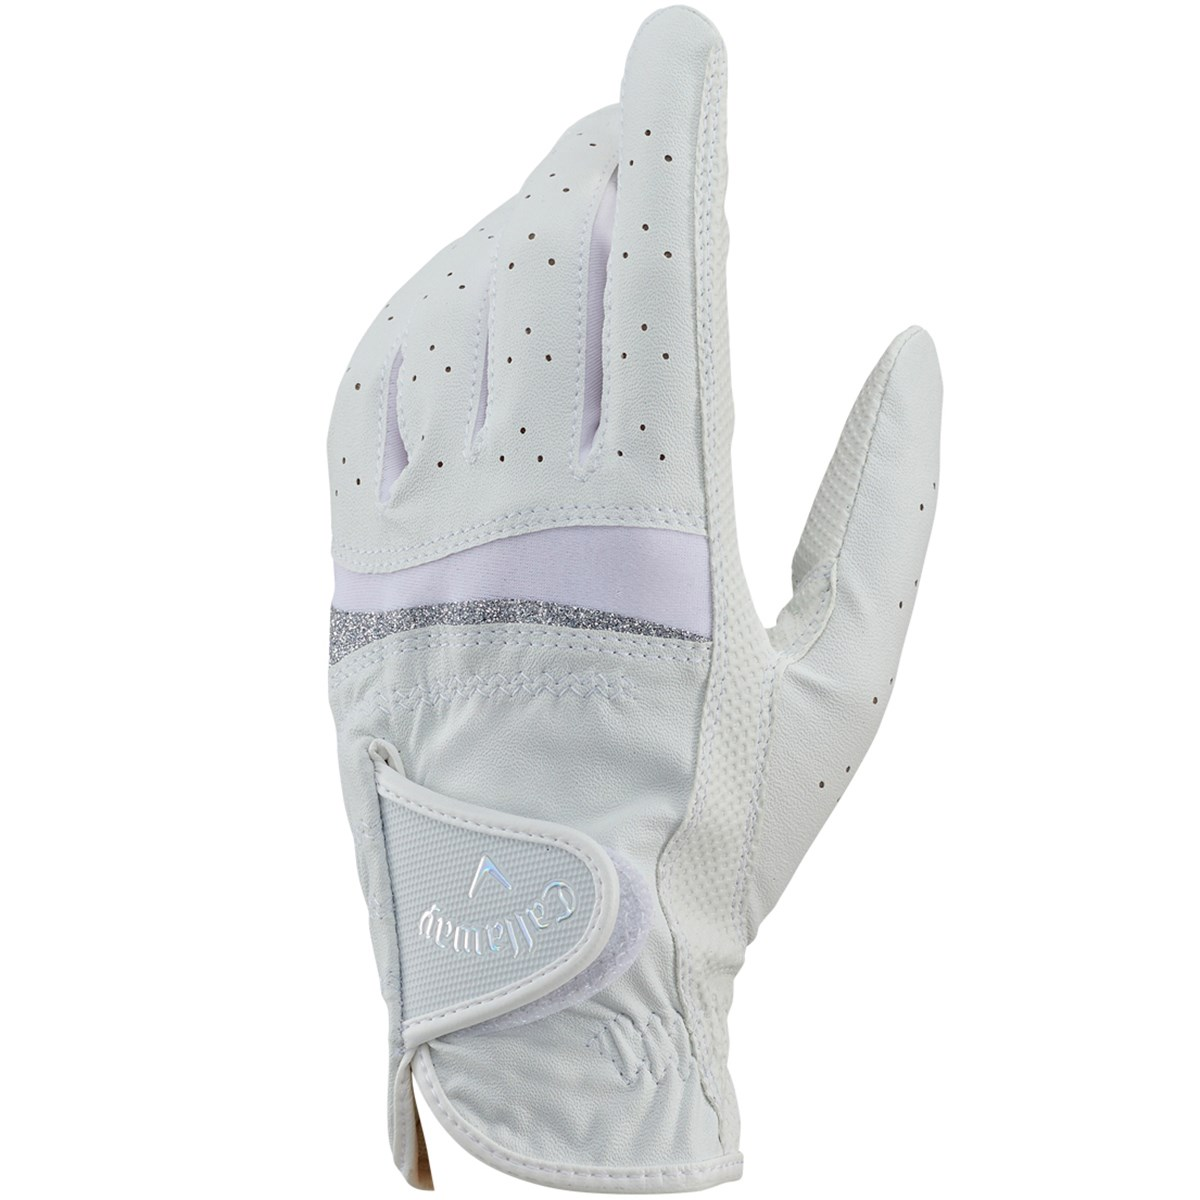 キャロウェイゴルフ Callaway Golf STYLE JM グローブ 18cm 左手着用(右利き用) ホワイト/シルバー レディス